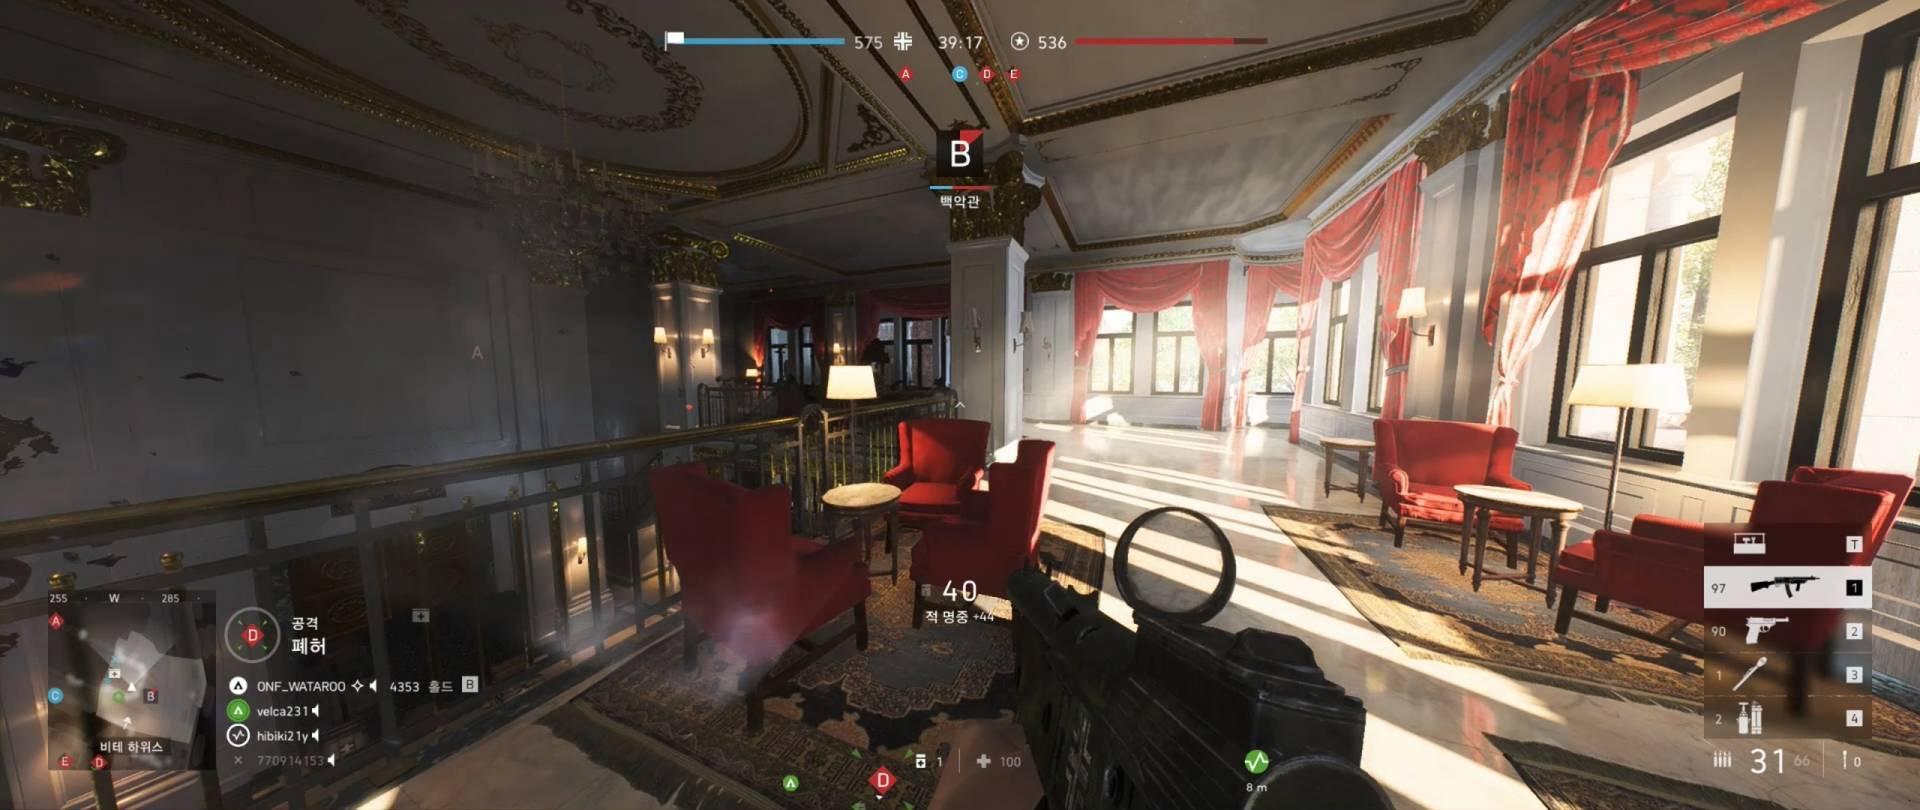 Battlefield V 2018.11.10 - 01.15.56.05.mp4_20181110_104551.324.jpg